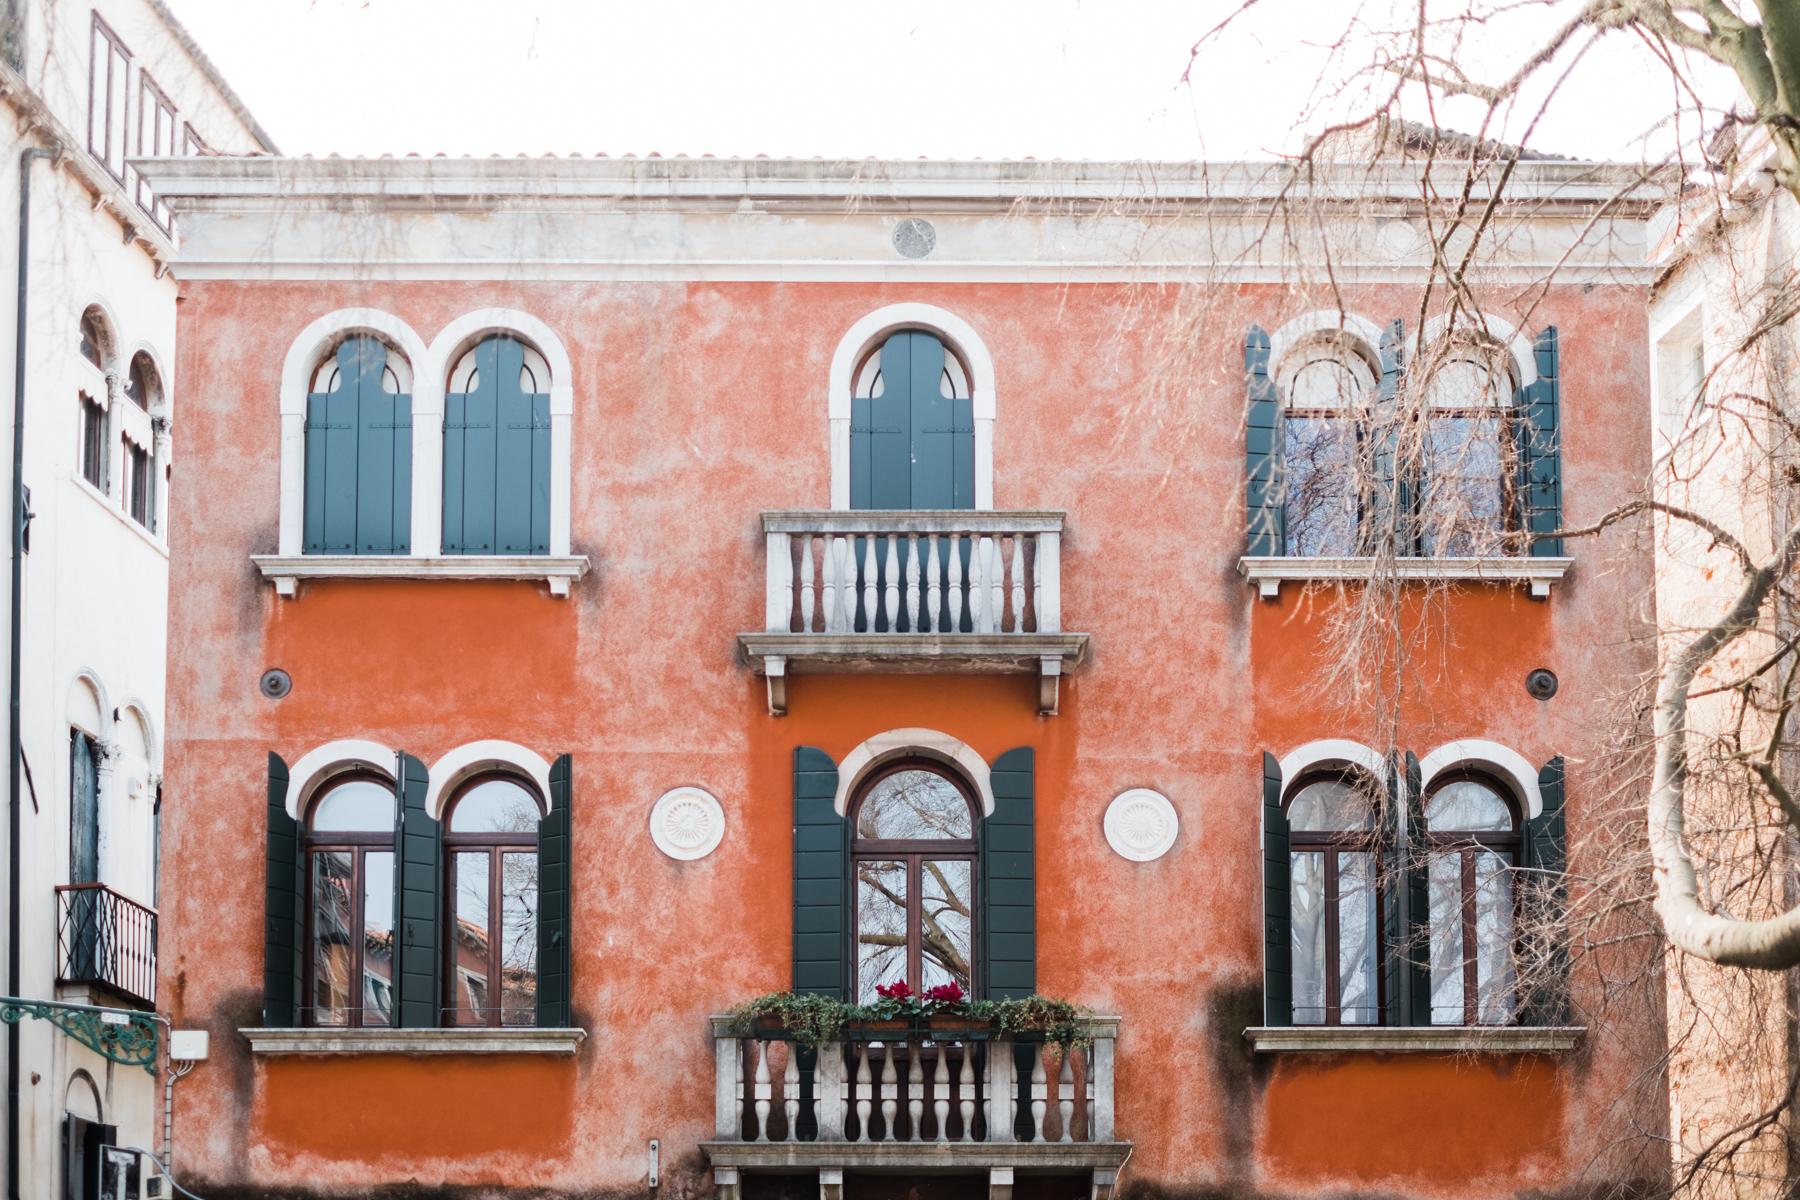 Venice_deersphotography-4